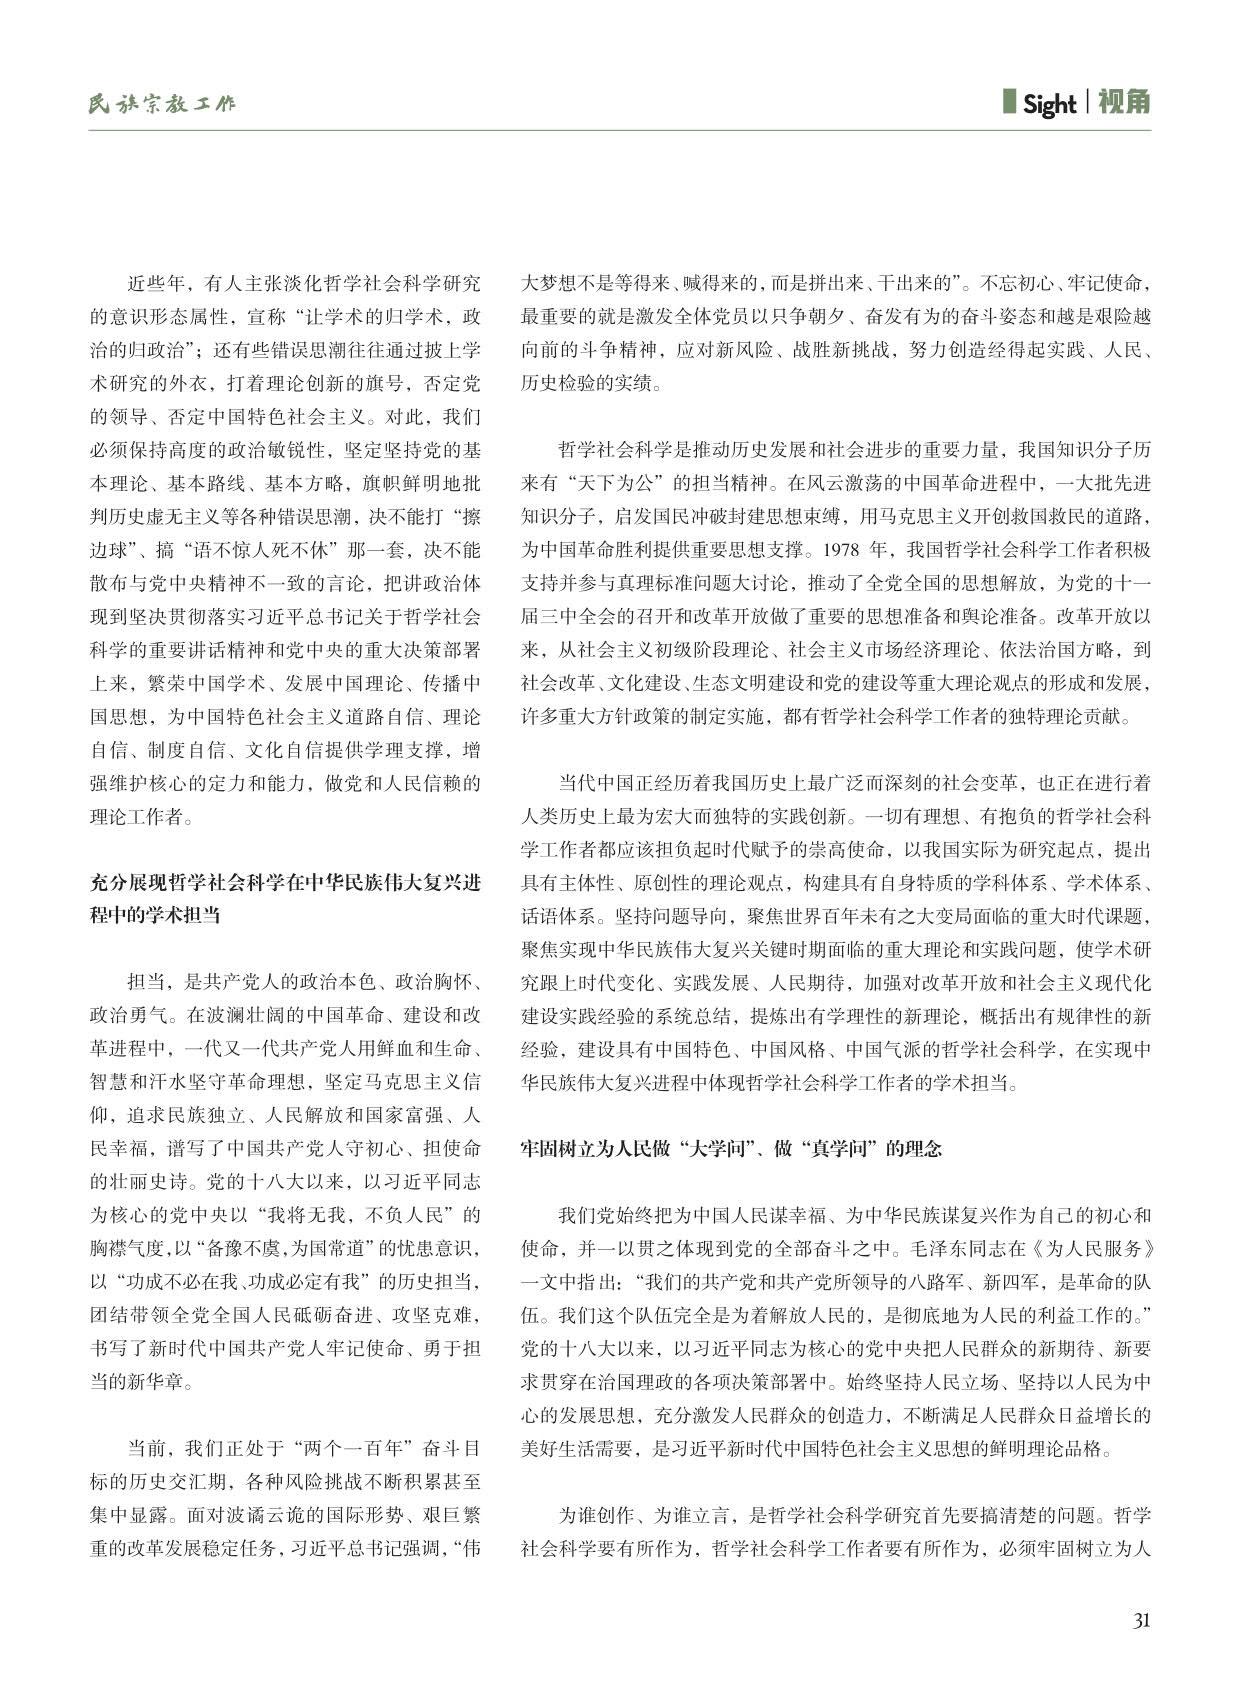 民宗委 十月(1)_33.jpg